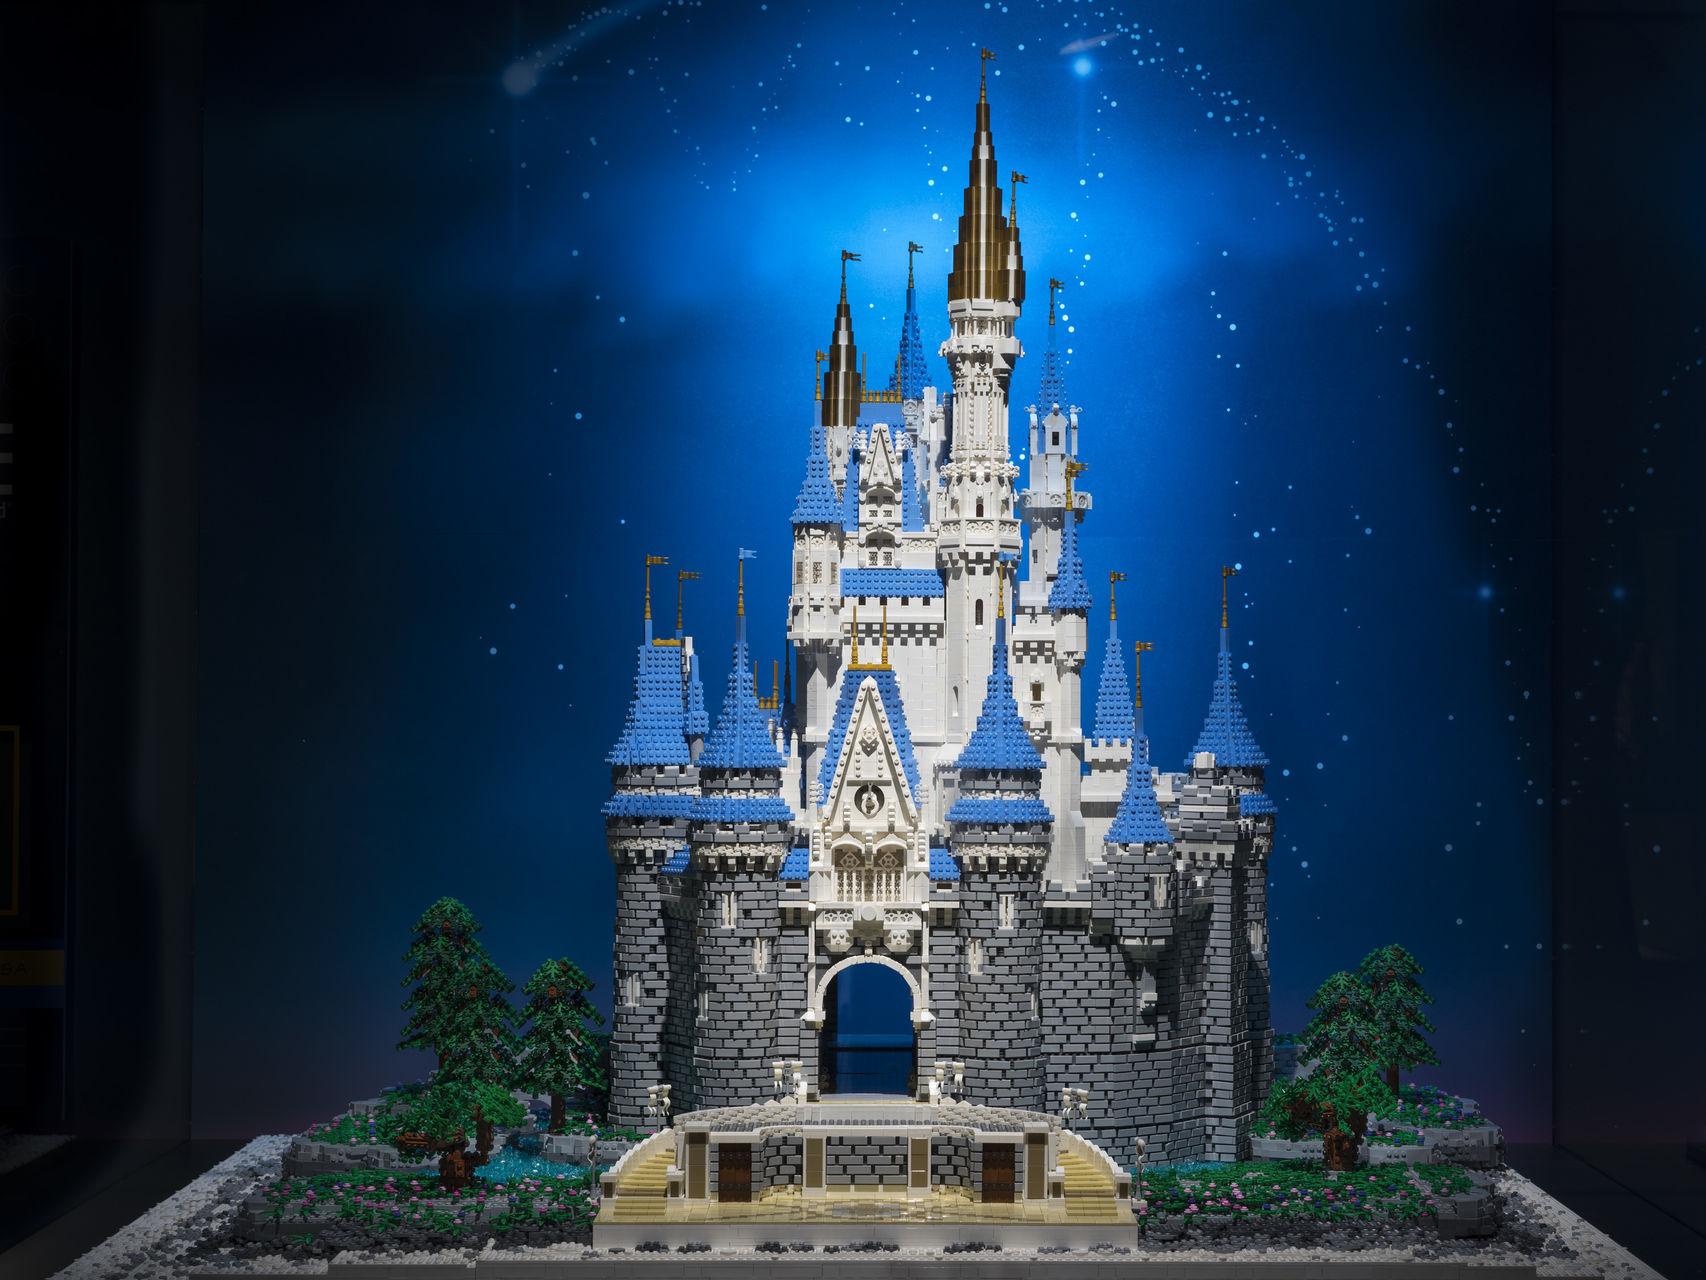 Espectacular-Castillo-Disney-Lego_114748946_3281006_1706x1280